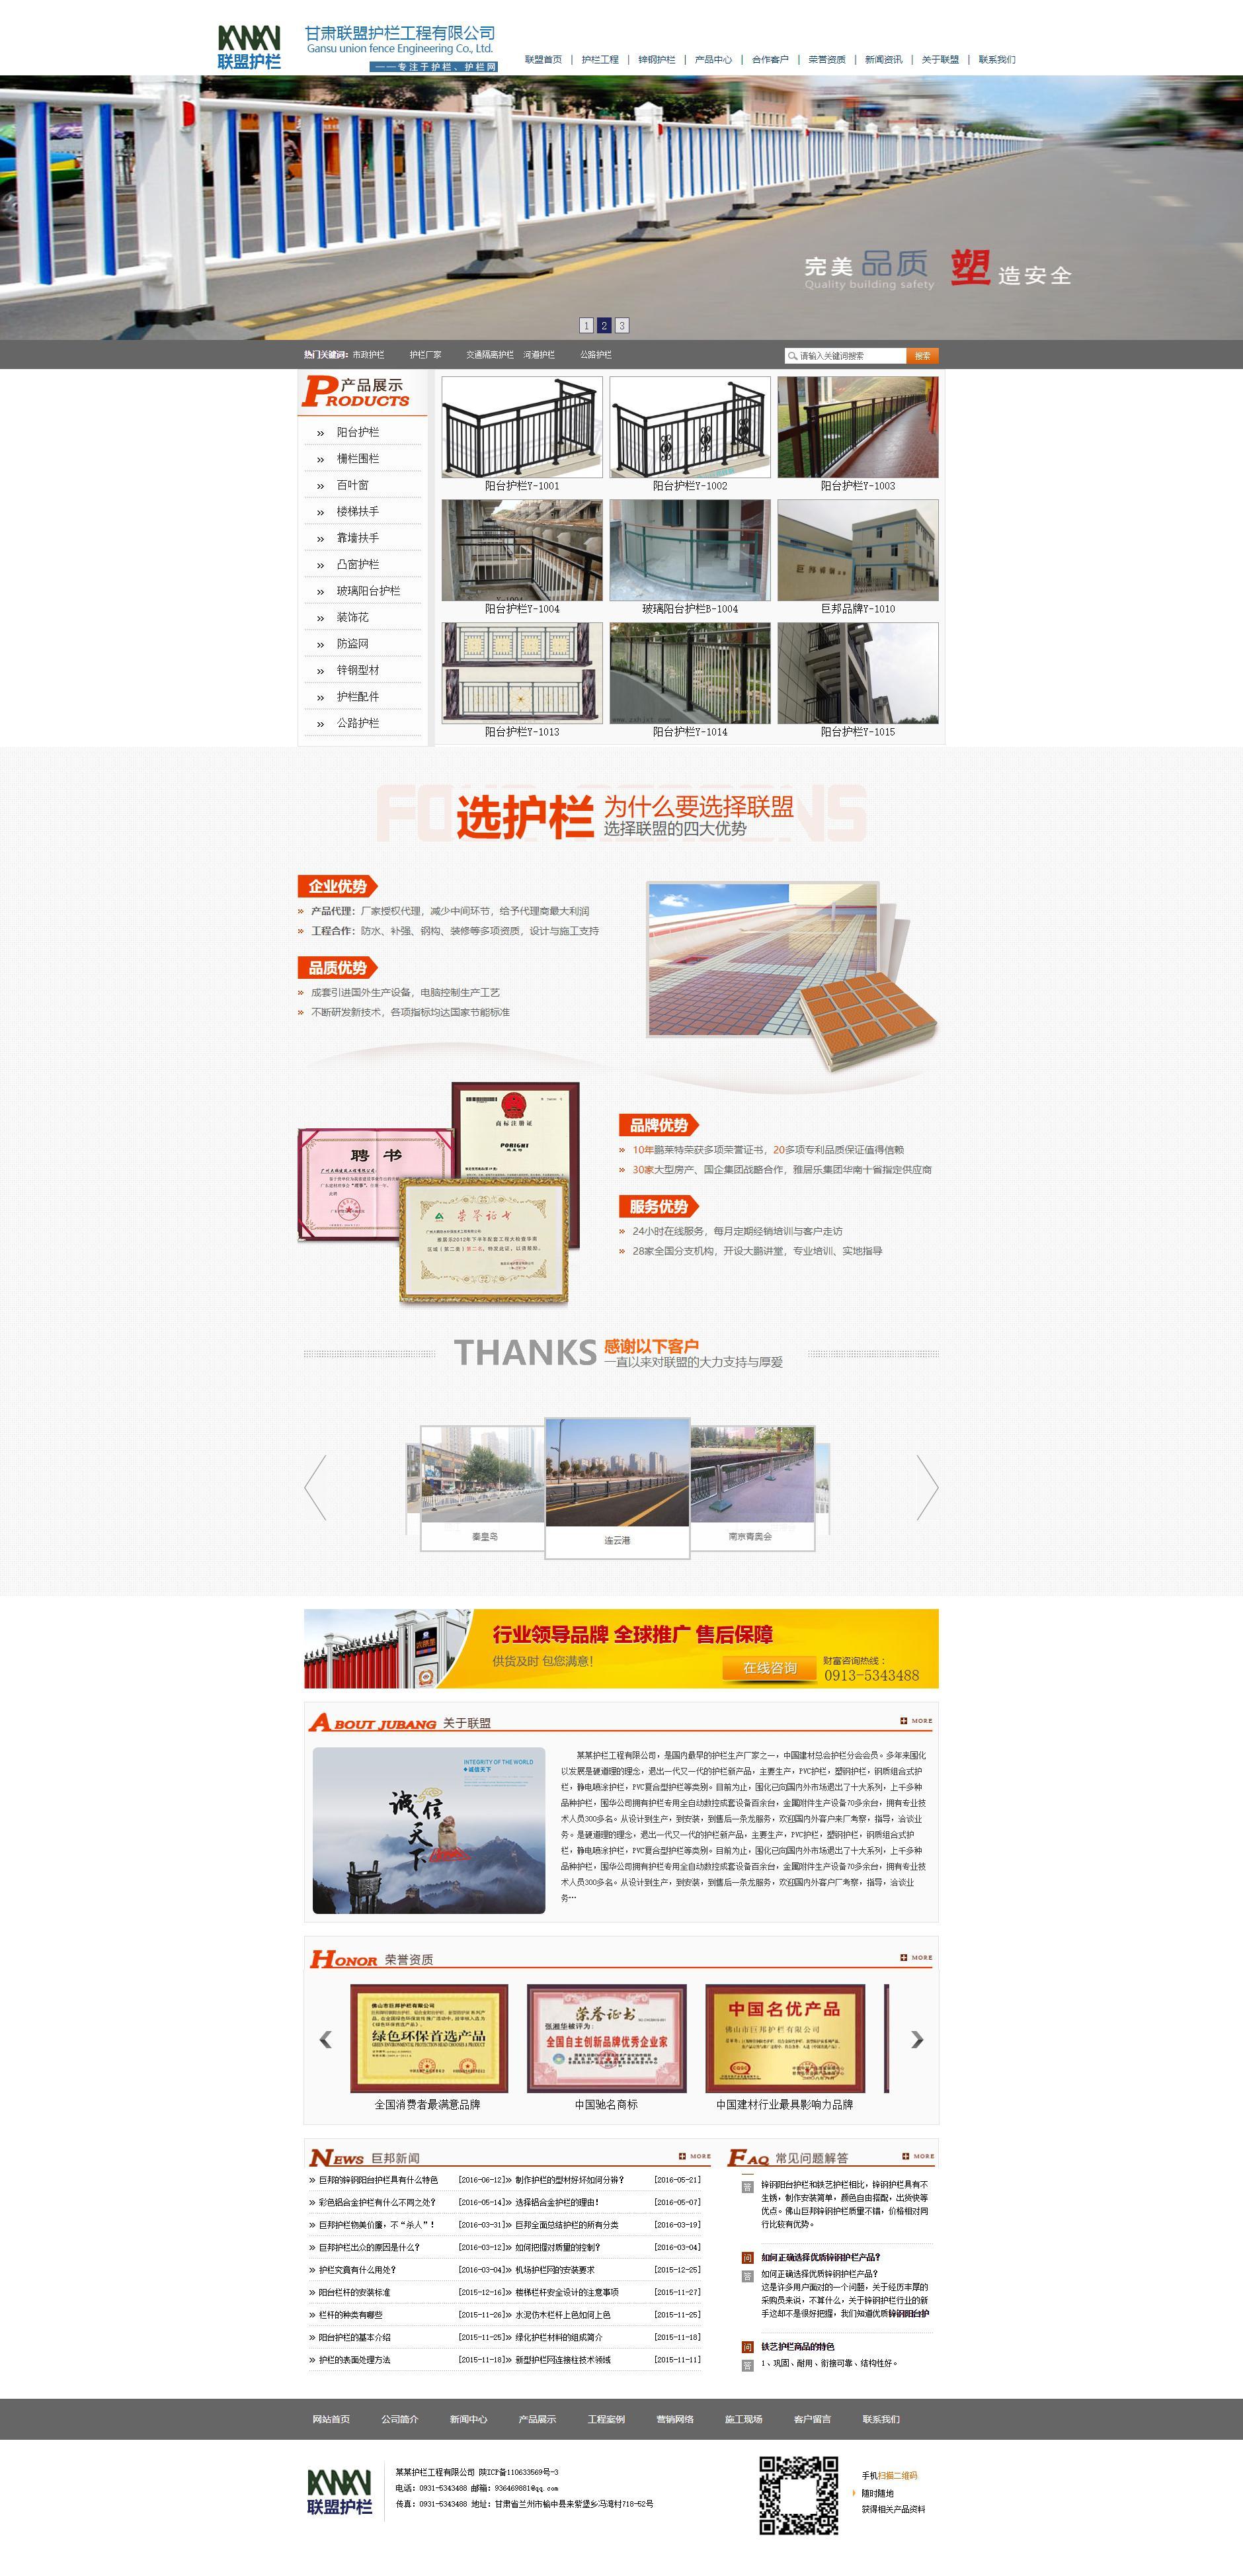 实用的城市护栏工程公司网站模板html源码